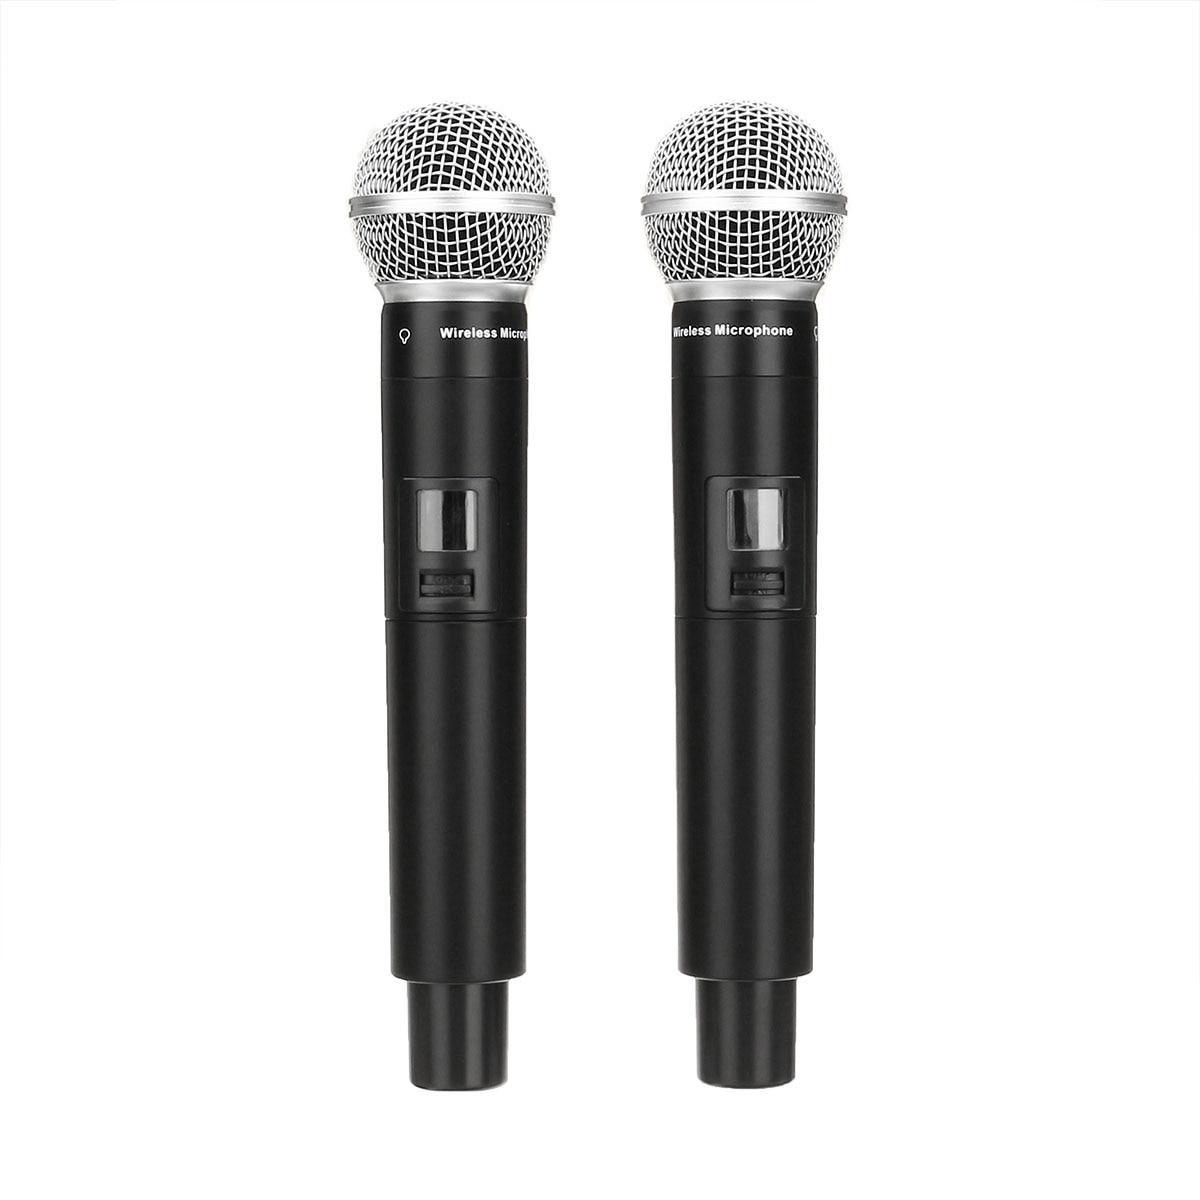 Système de Microphone sans fil UHF 2 canaux 2 micro portatif sans fil Kraoke fournitures de fête de la parole Microphone cardioïde professionnel - 4